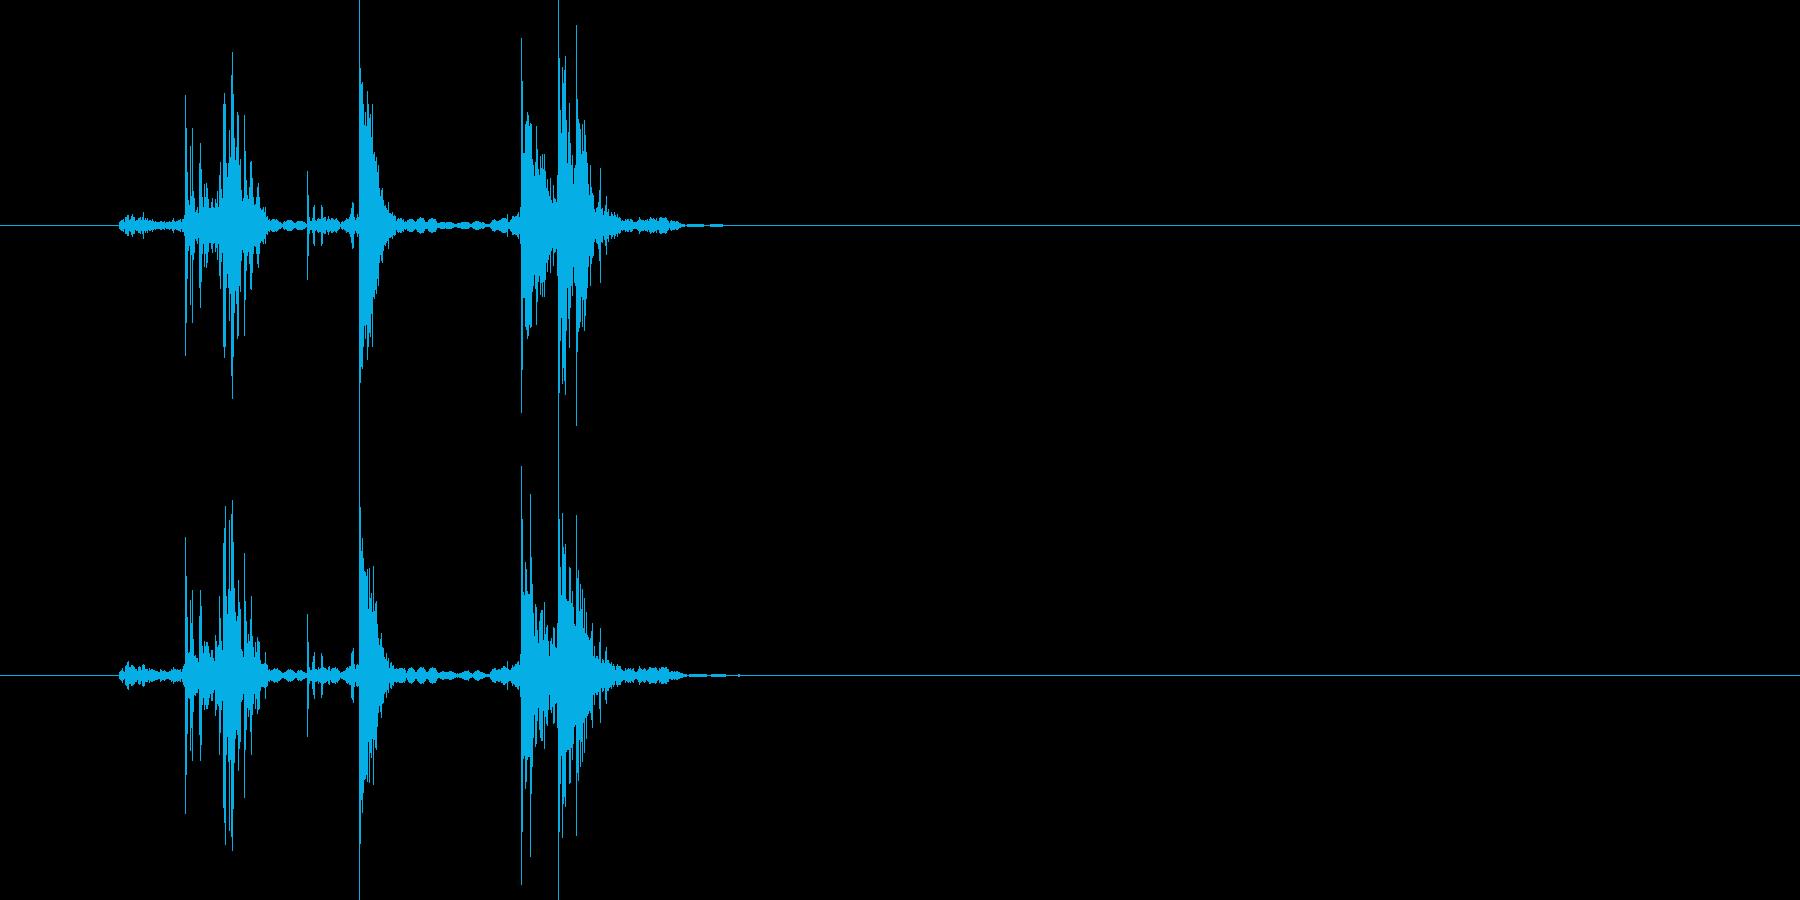 カチャチャッ!(軽い金属音)の再生済みの波形